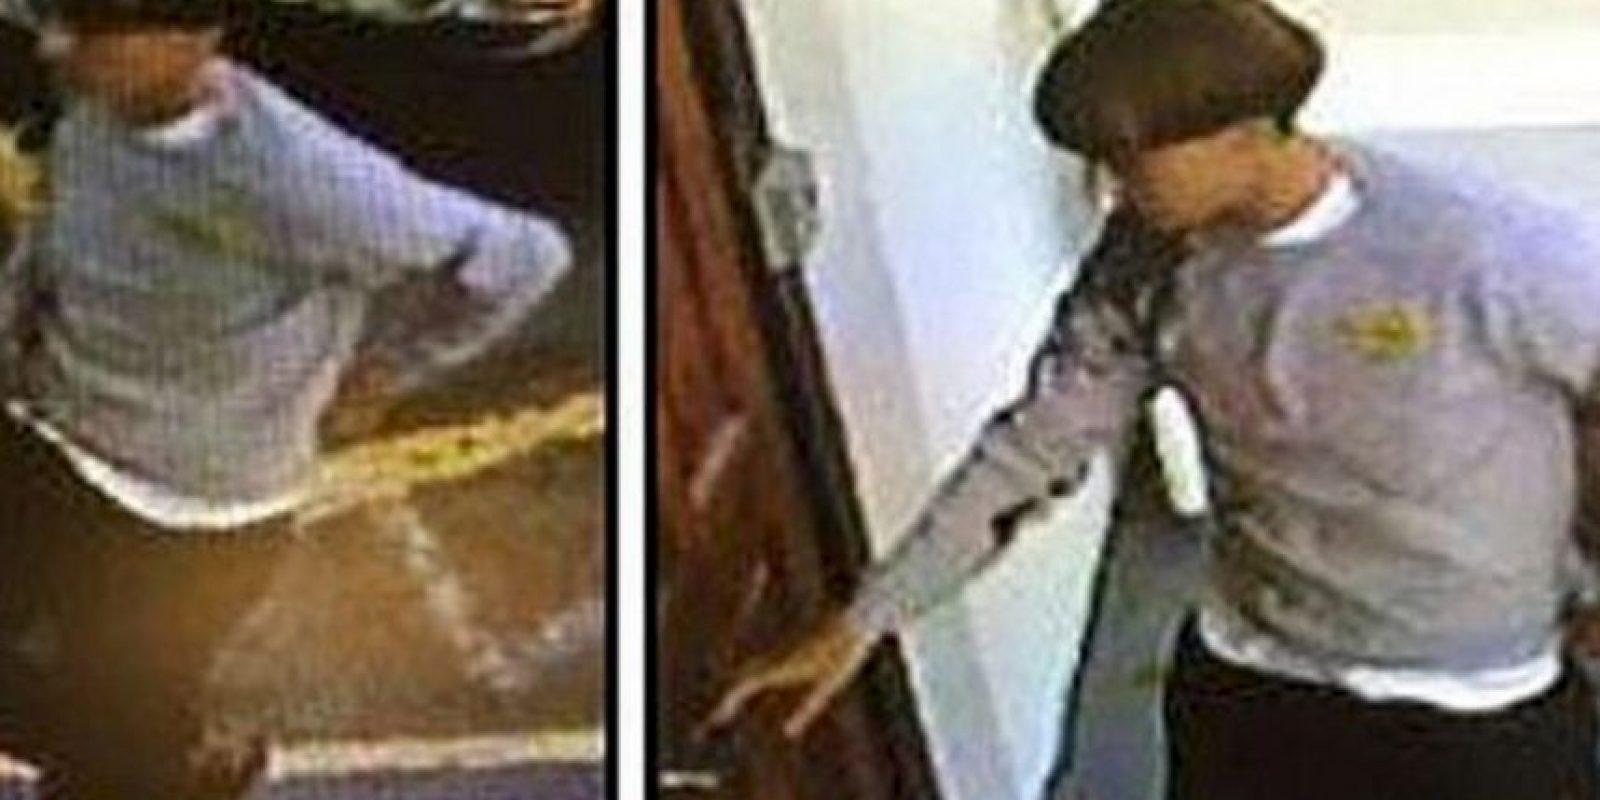 Al sospechoso lo capturaron en Carolina del Norte. Foto:Polícia de Estados Unidos